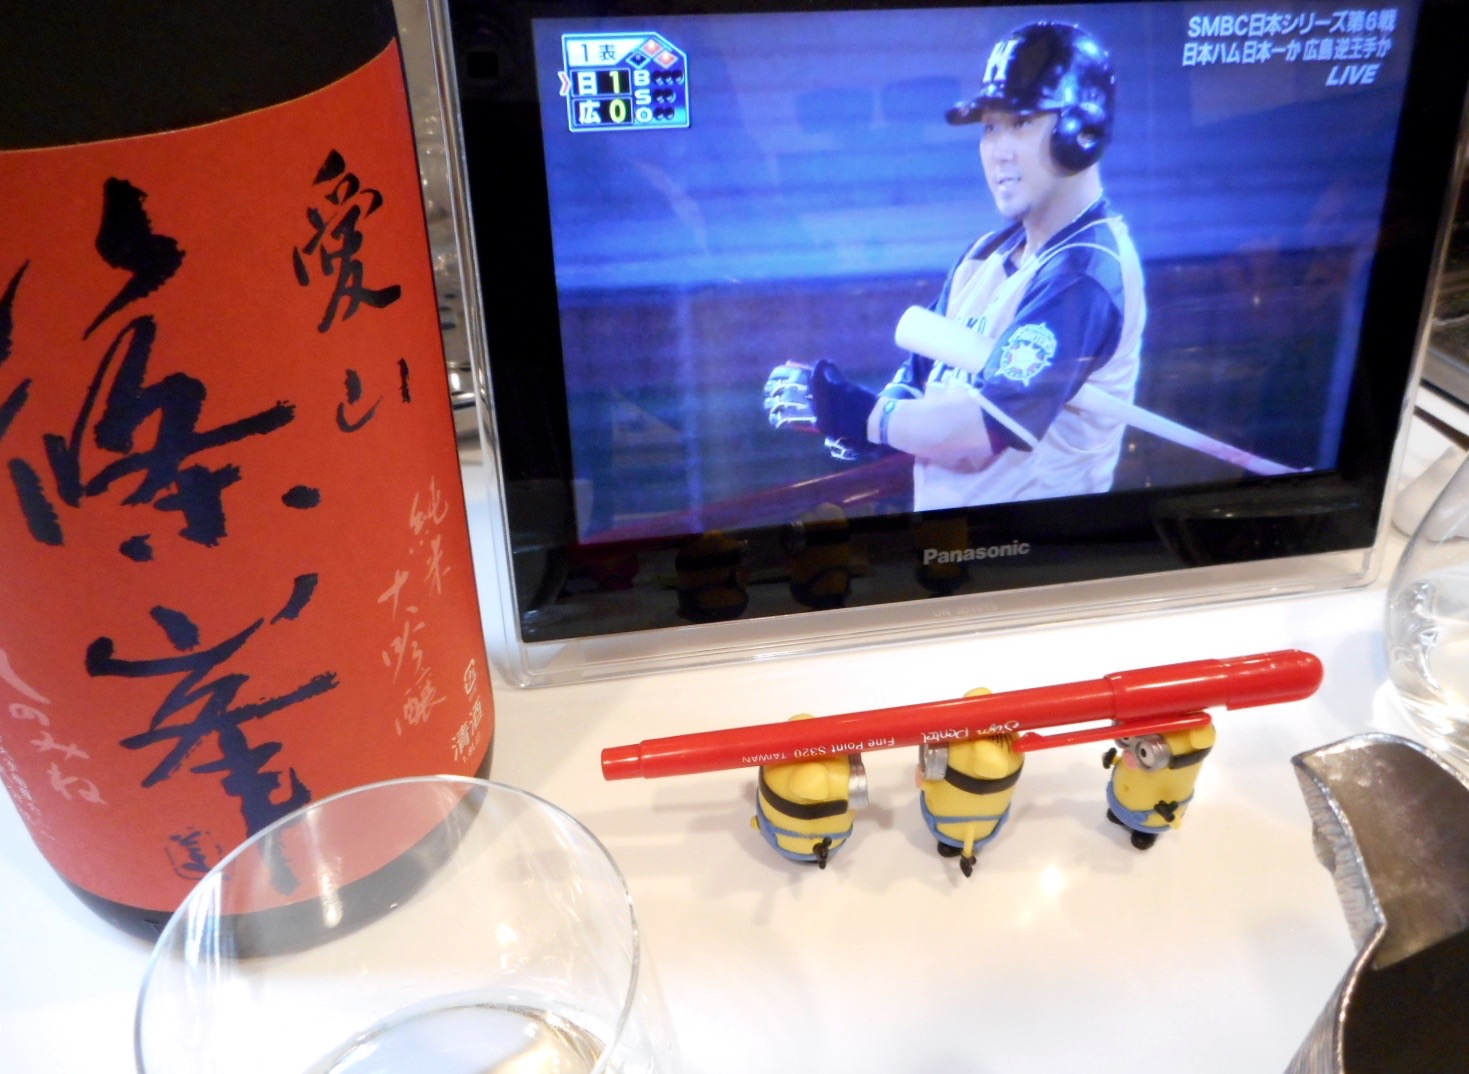 shinomine_aiyama45nama26by10.jpg